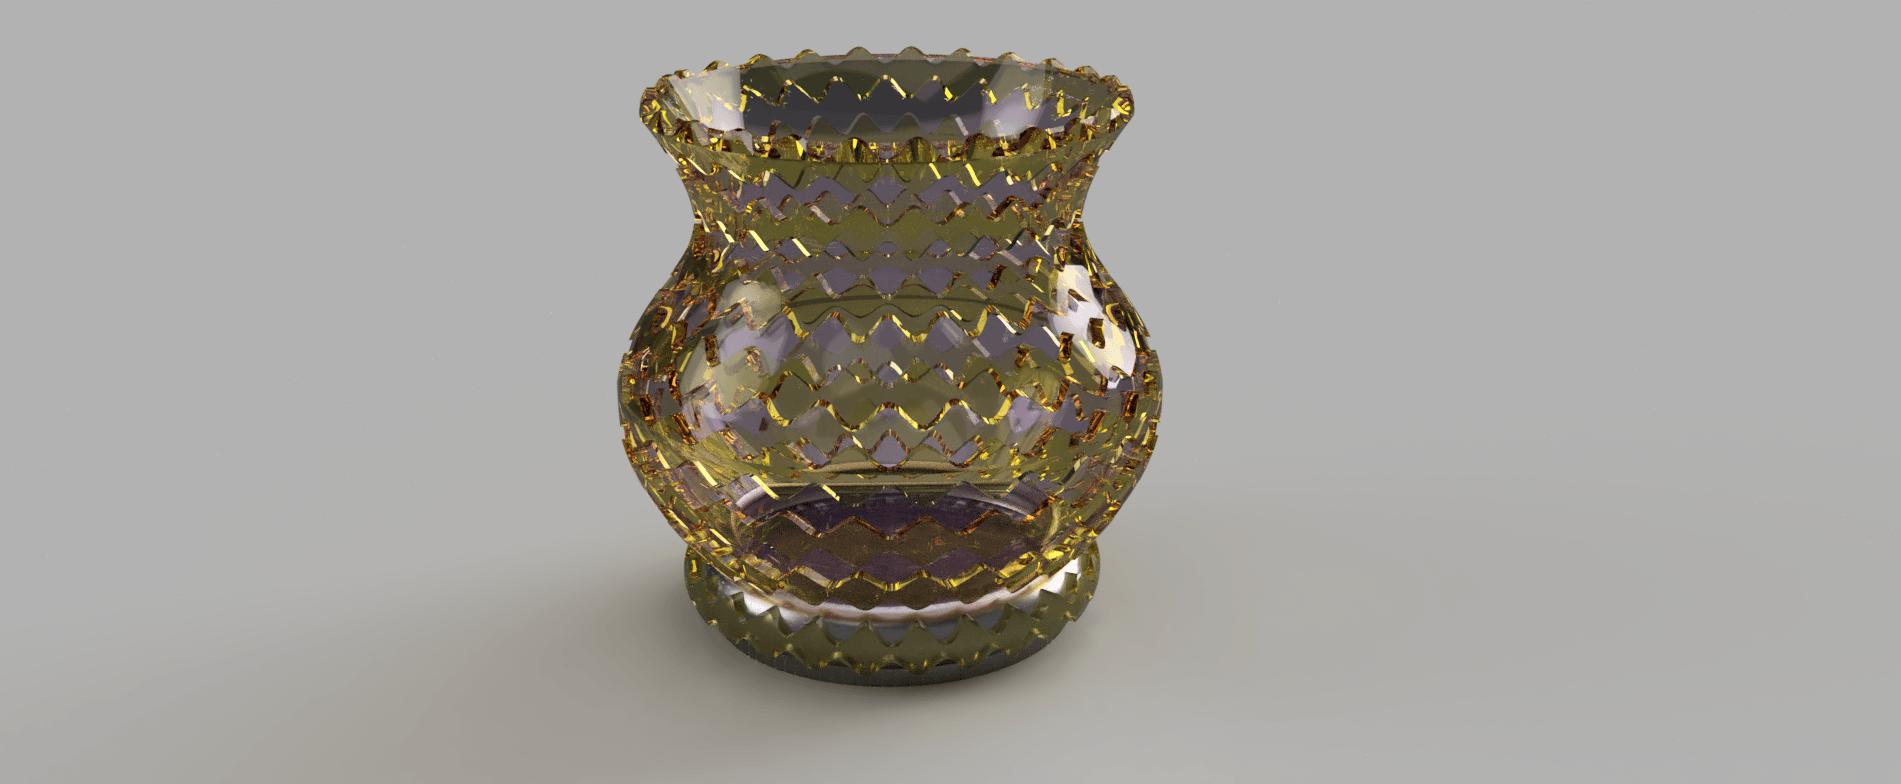 vase_ecailles 4.png Télécharger fichier STL gratuit vase écaille • Design pour imprimante 3D, micaldez